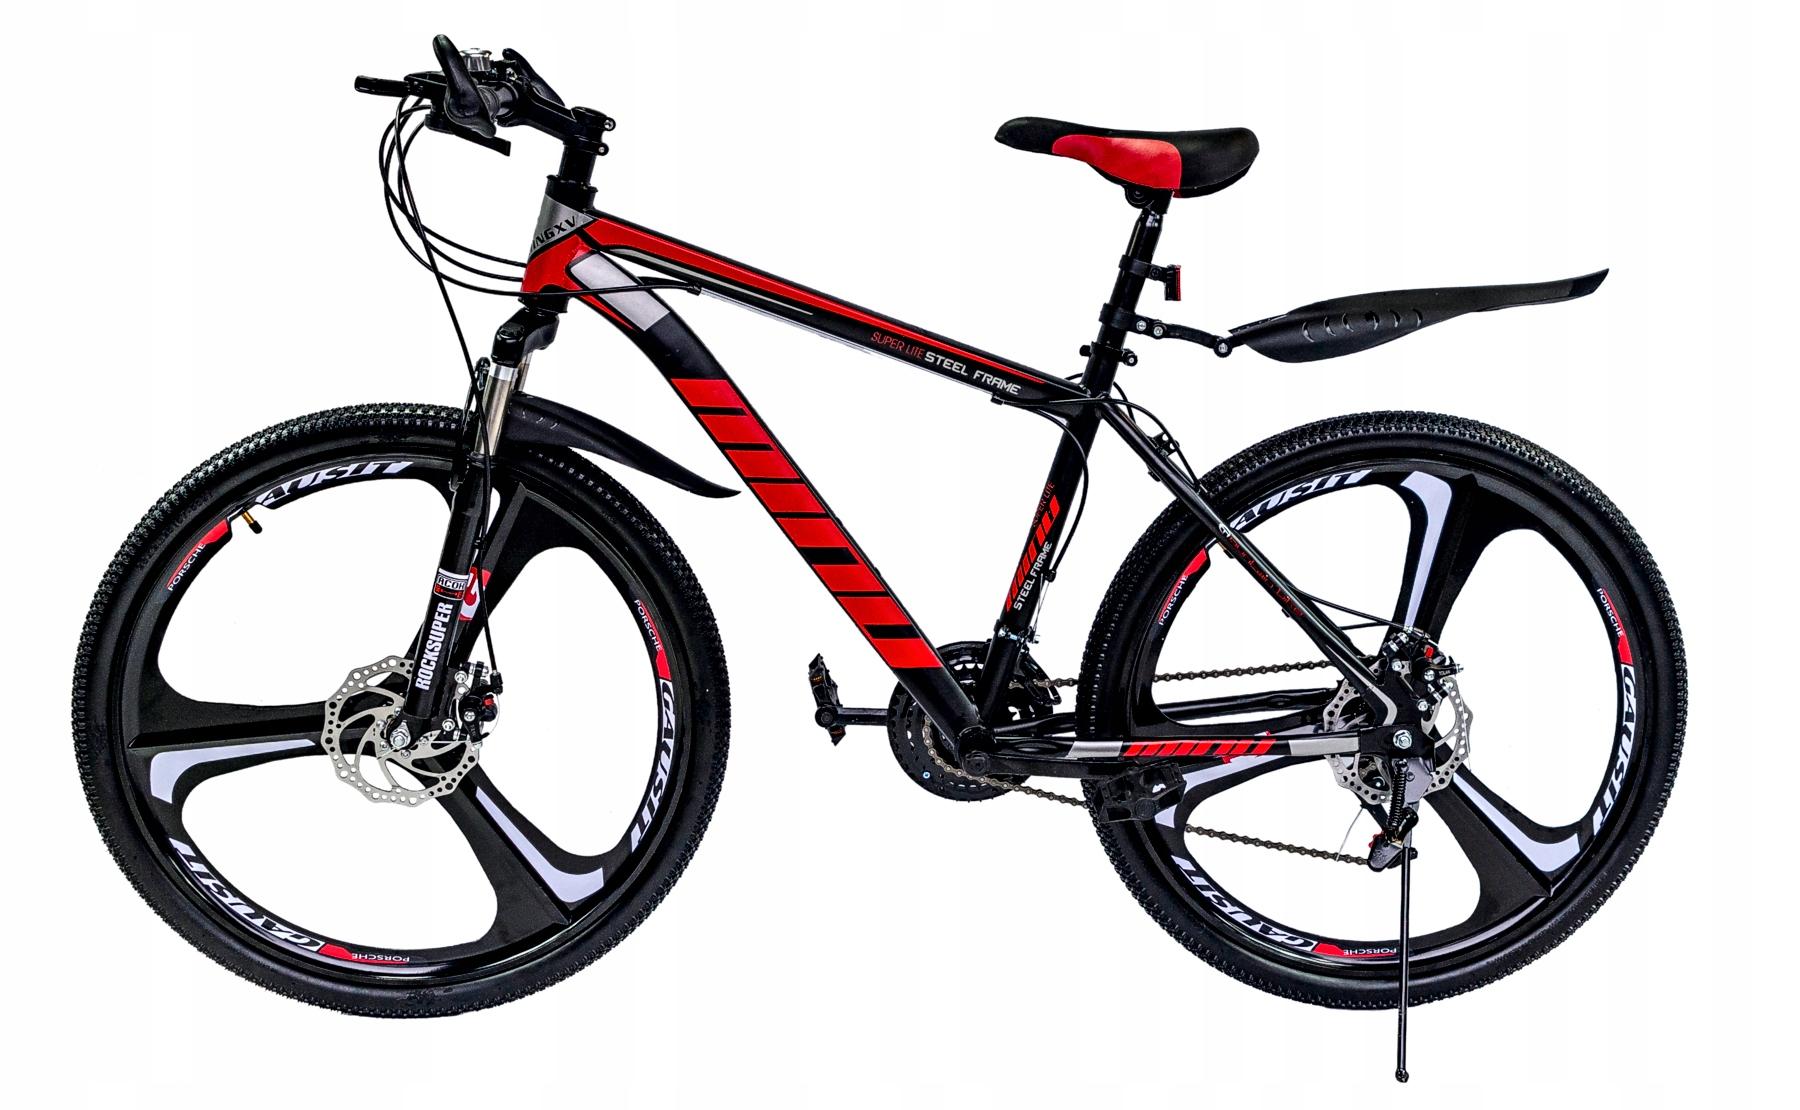 Rower Gorski Mtb Minu Czarno Czerwony 26 Quot 10082923583 Allegro Pl